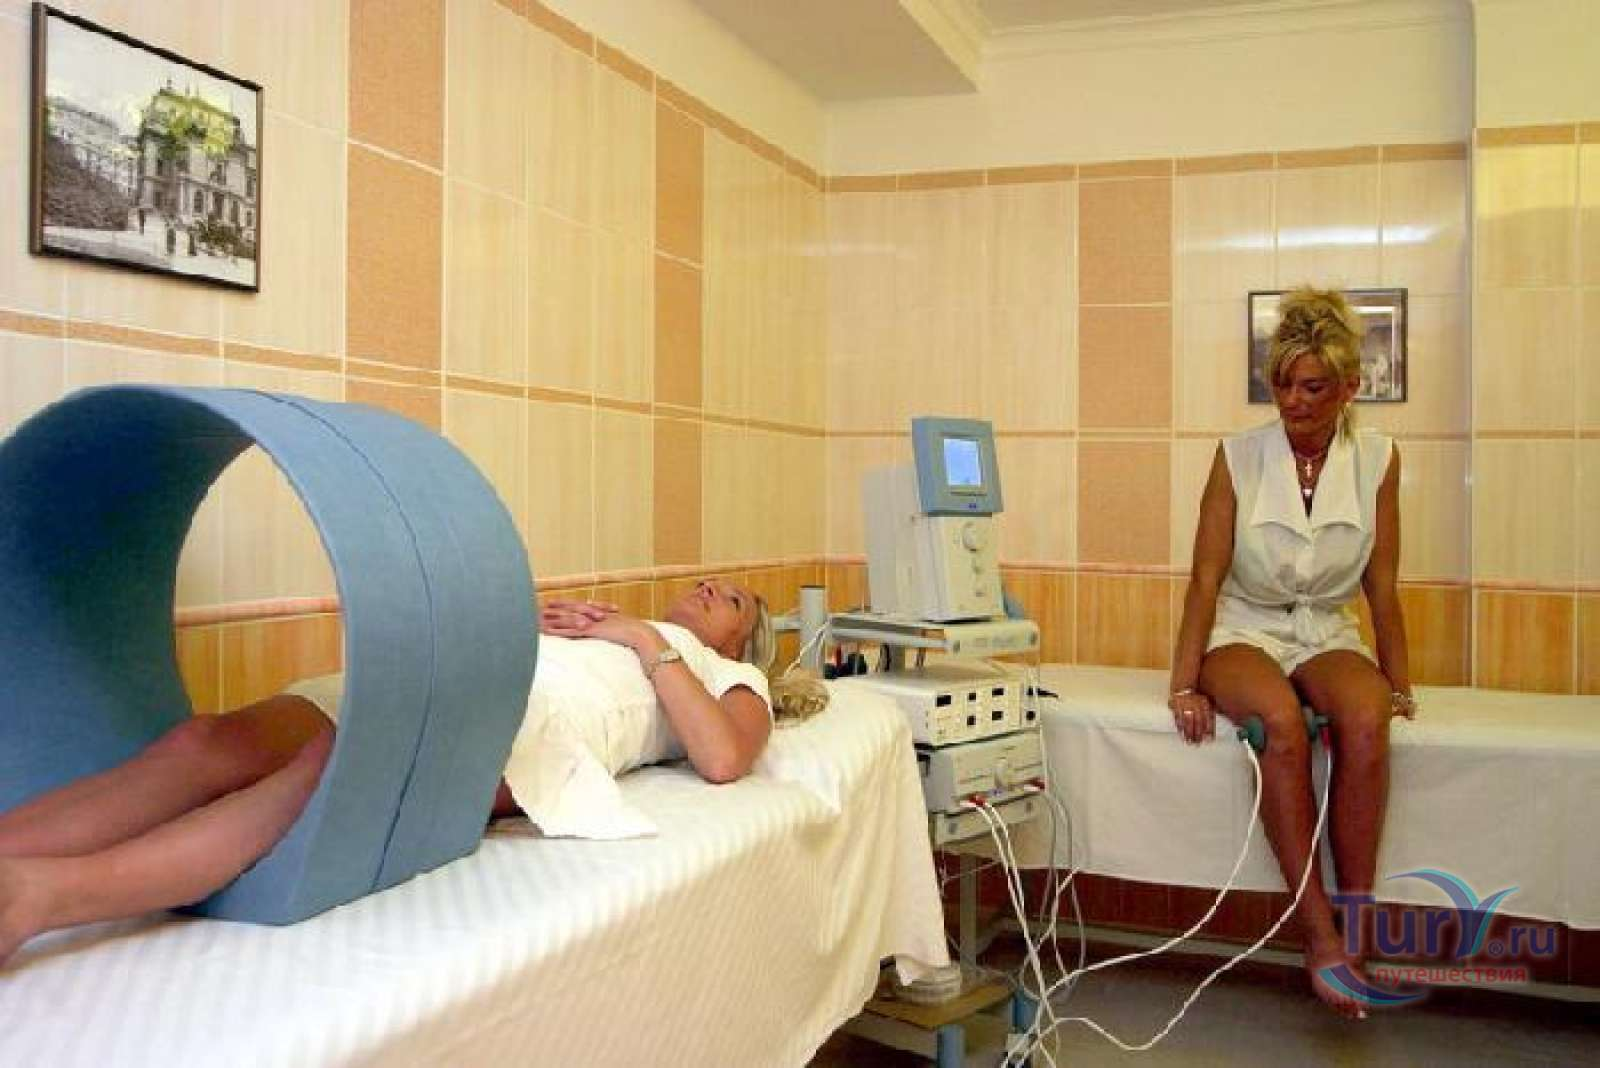 Санатории с лечением подагры в карловых варах, чехия